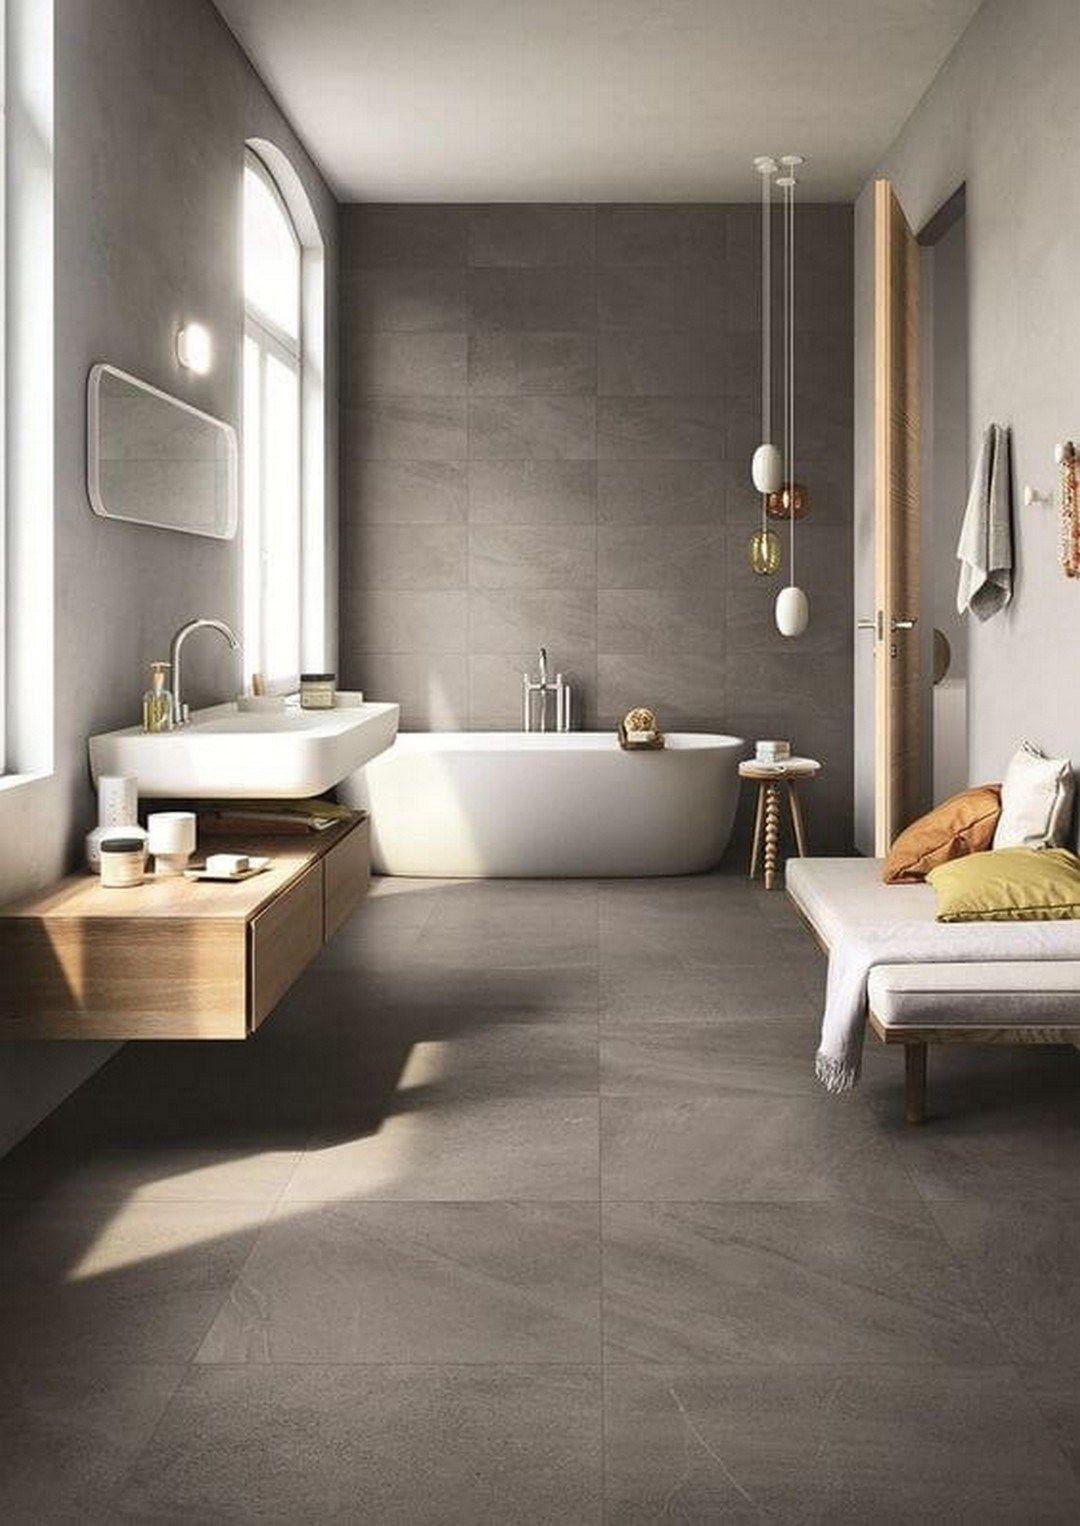 Badezimmerdesign graue fliesen pin von di zhong auf home  pinterest  badezimmer baden und bad